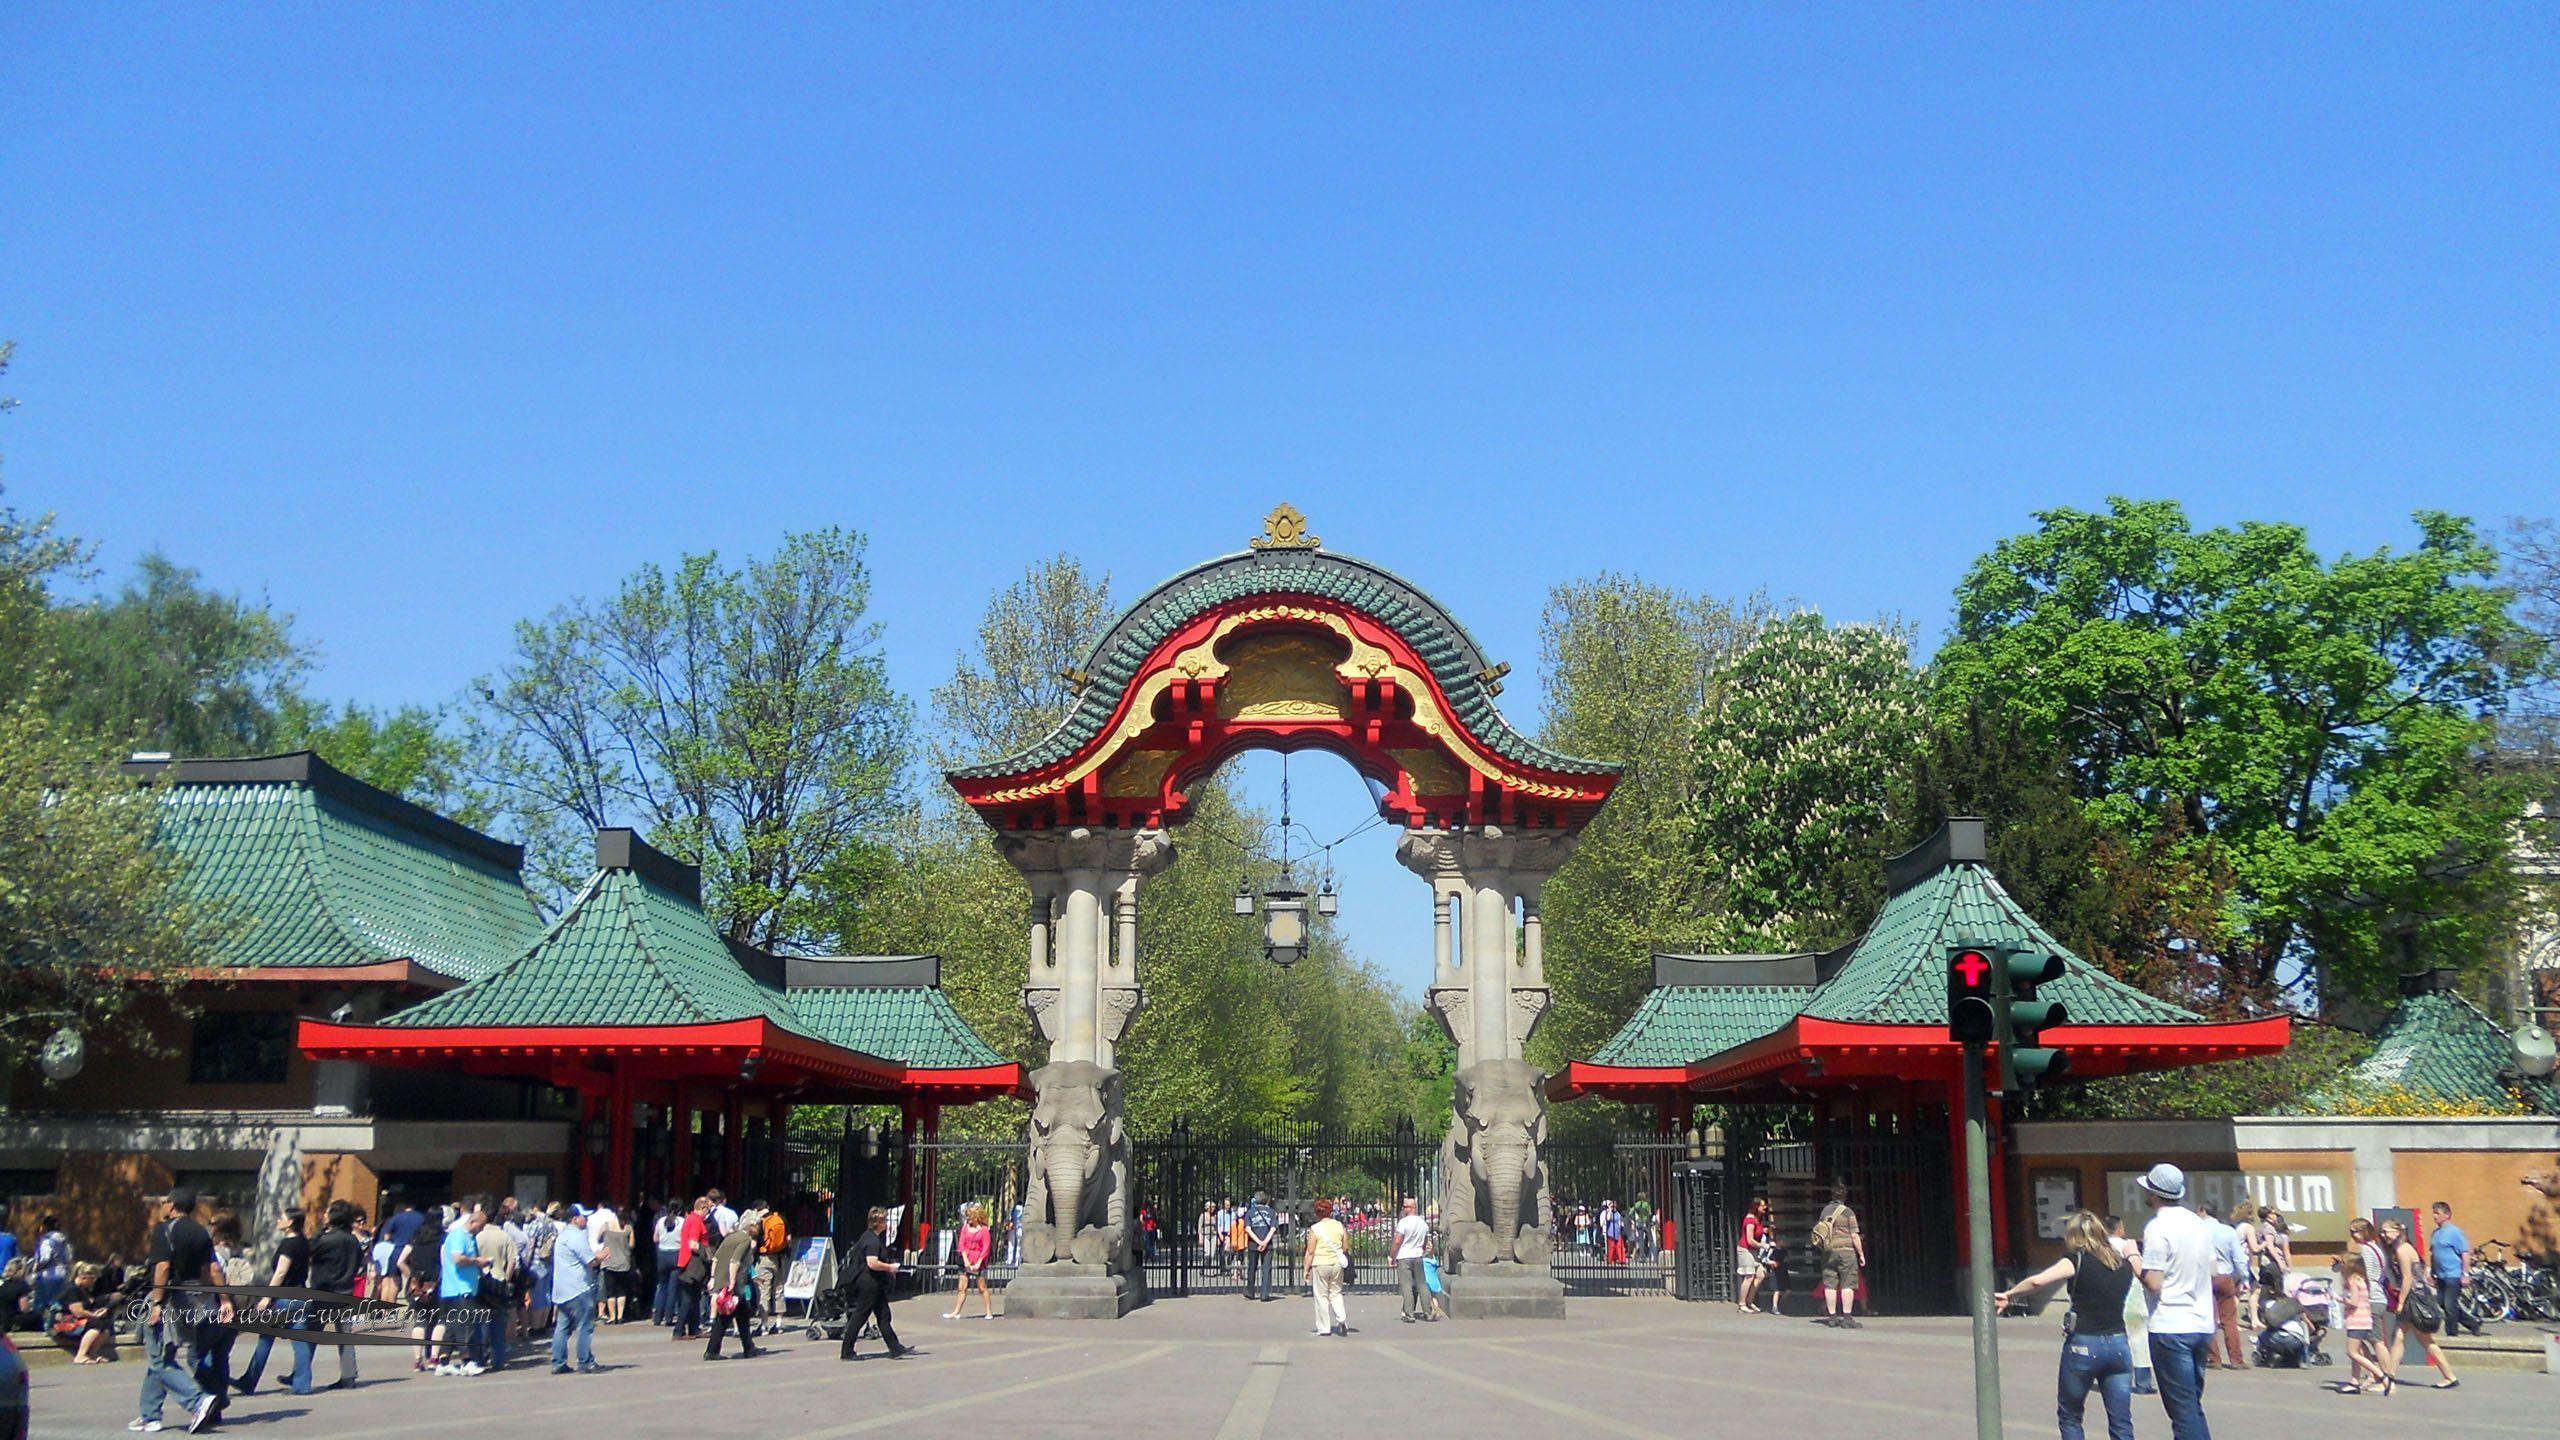 Zoologischer Garten Zoo In Berlin Berlin Travel Around The World Visiting